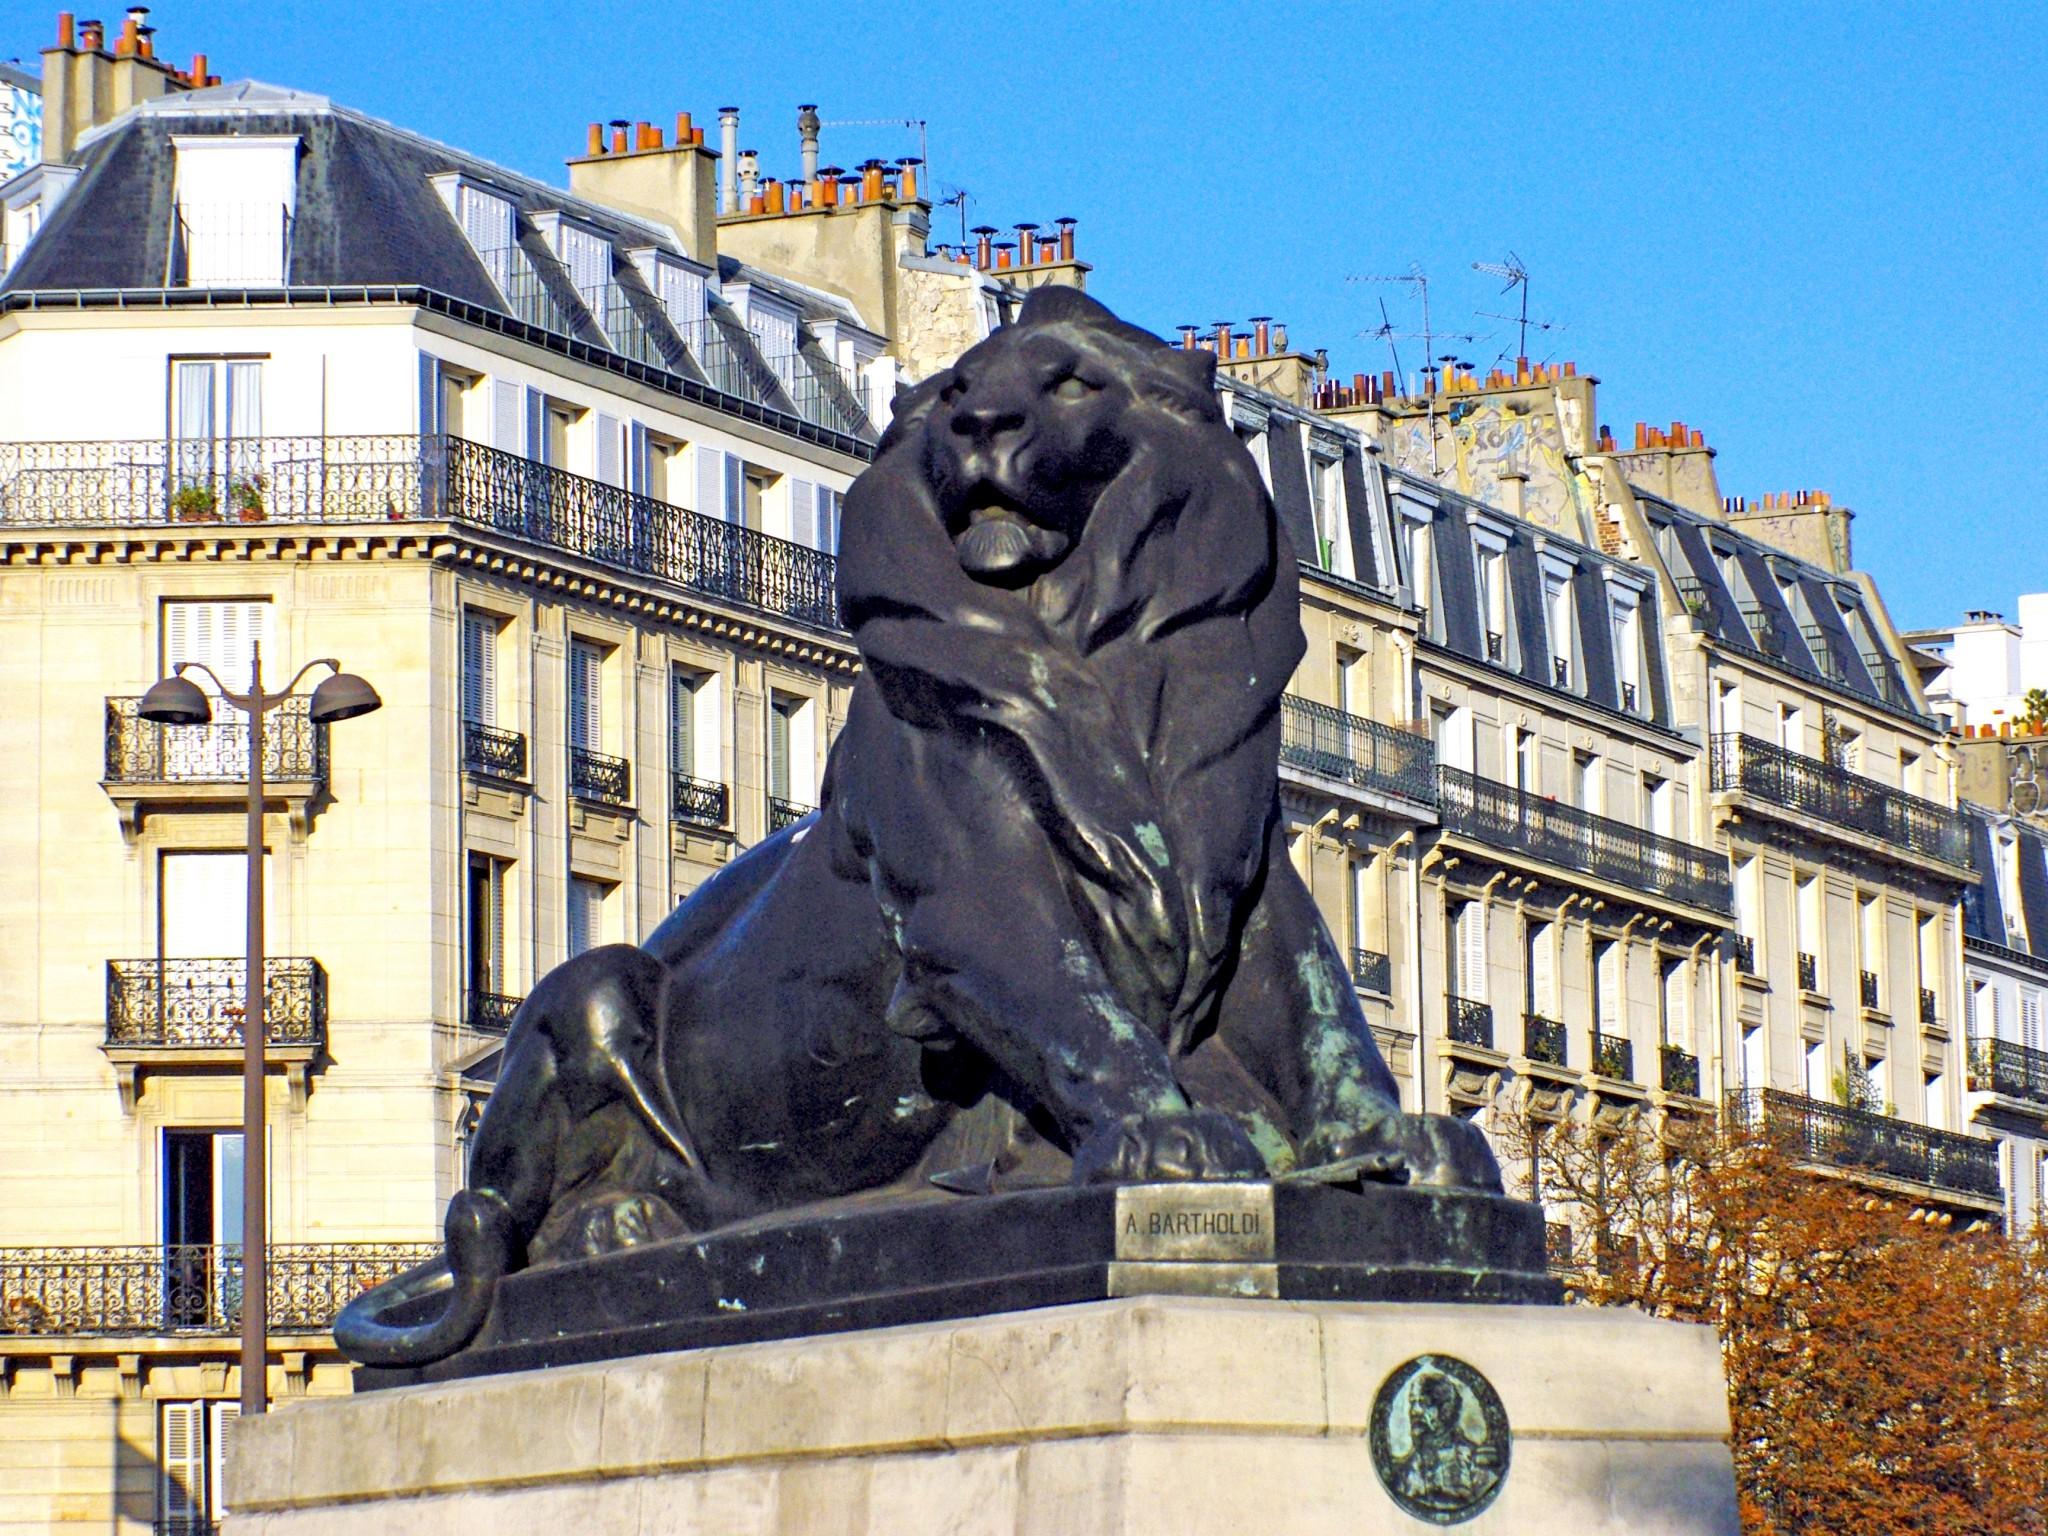 Lion of Belfort in Place Denfert-Rochereau in Paris 03 © French Moments